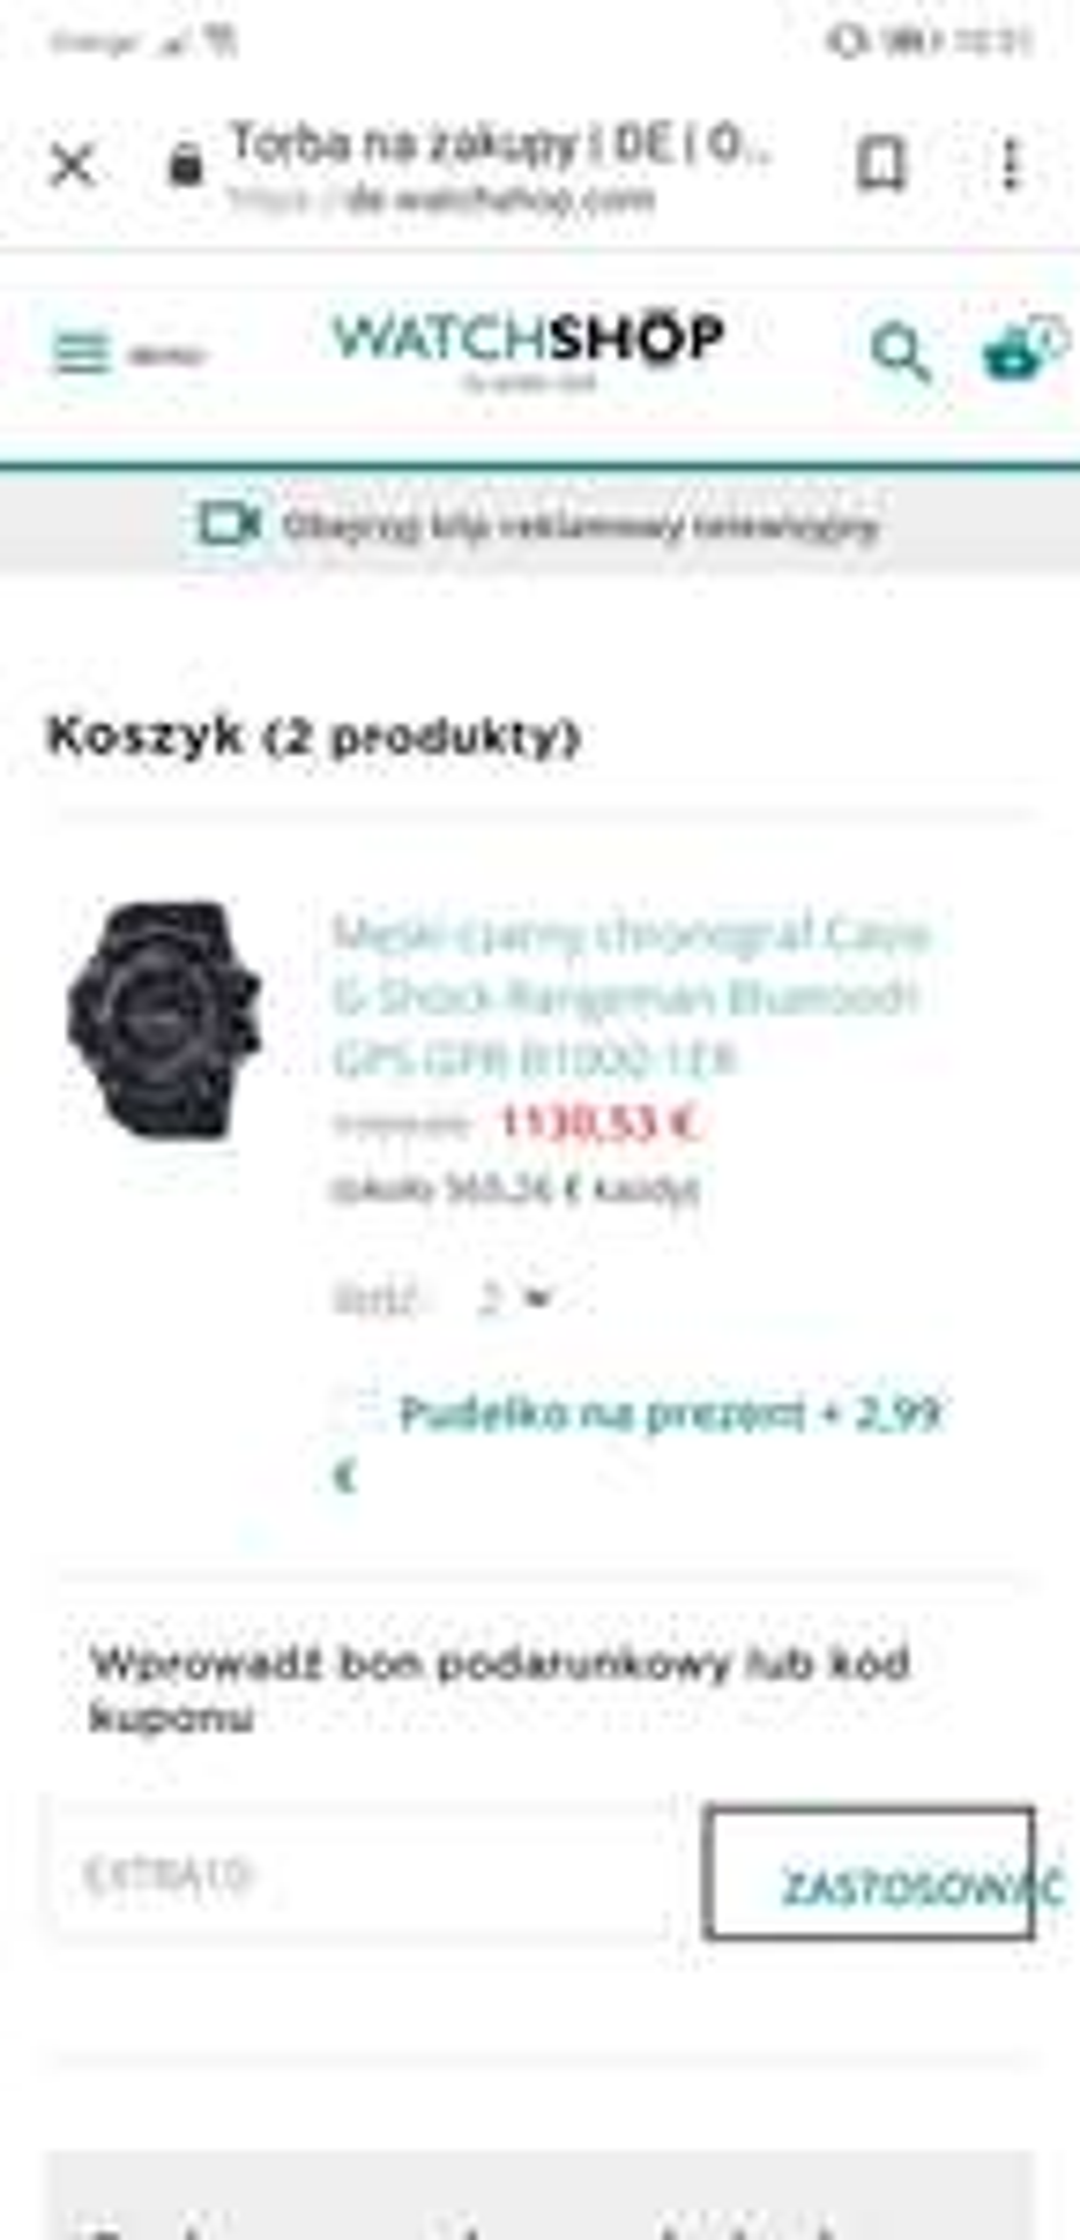 Casio Gshock GPR-B1000-1ER Rangeman cena przy zakupie 2 sztuk